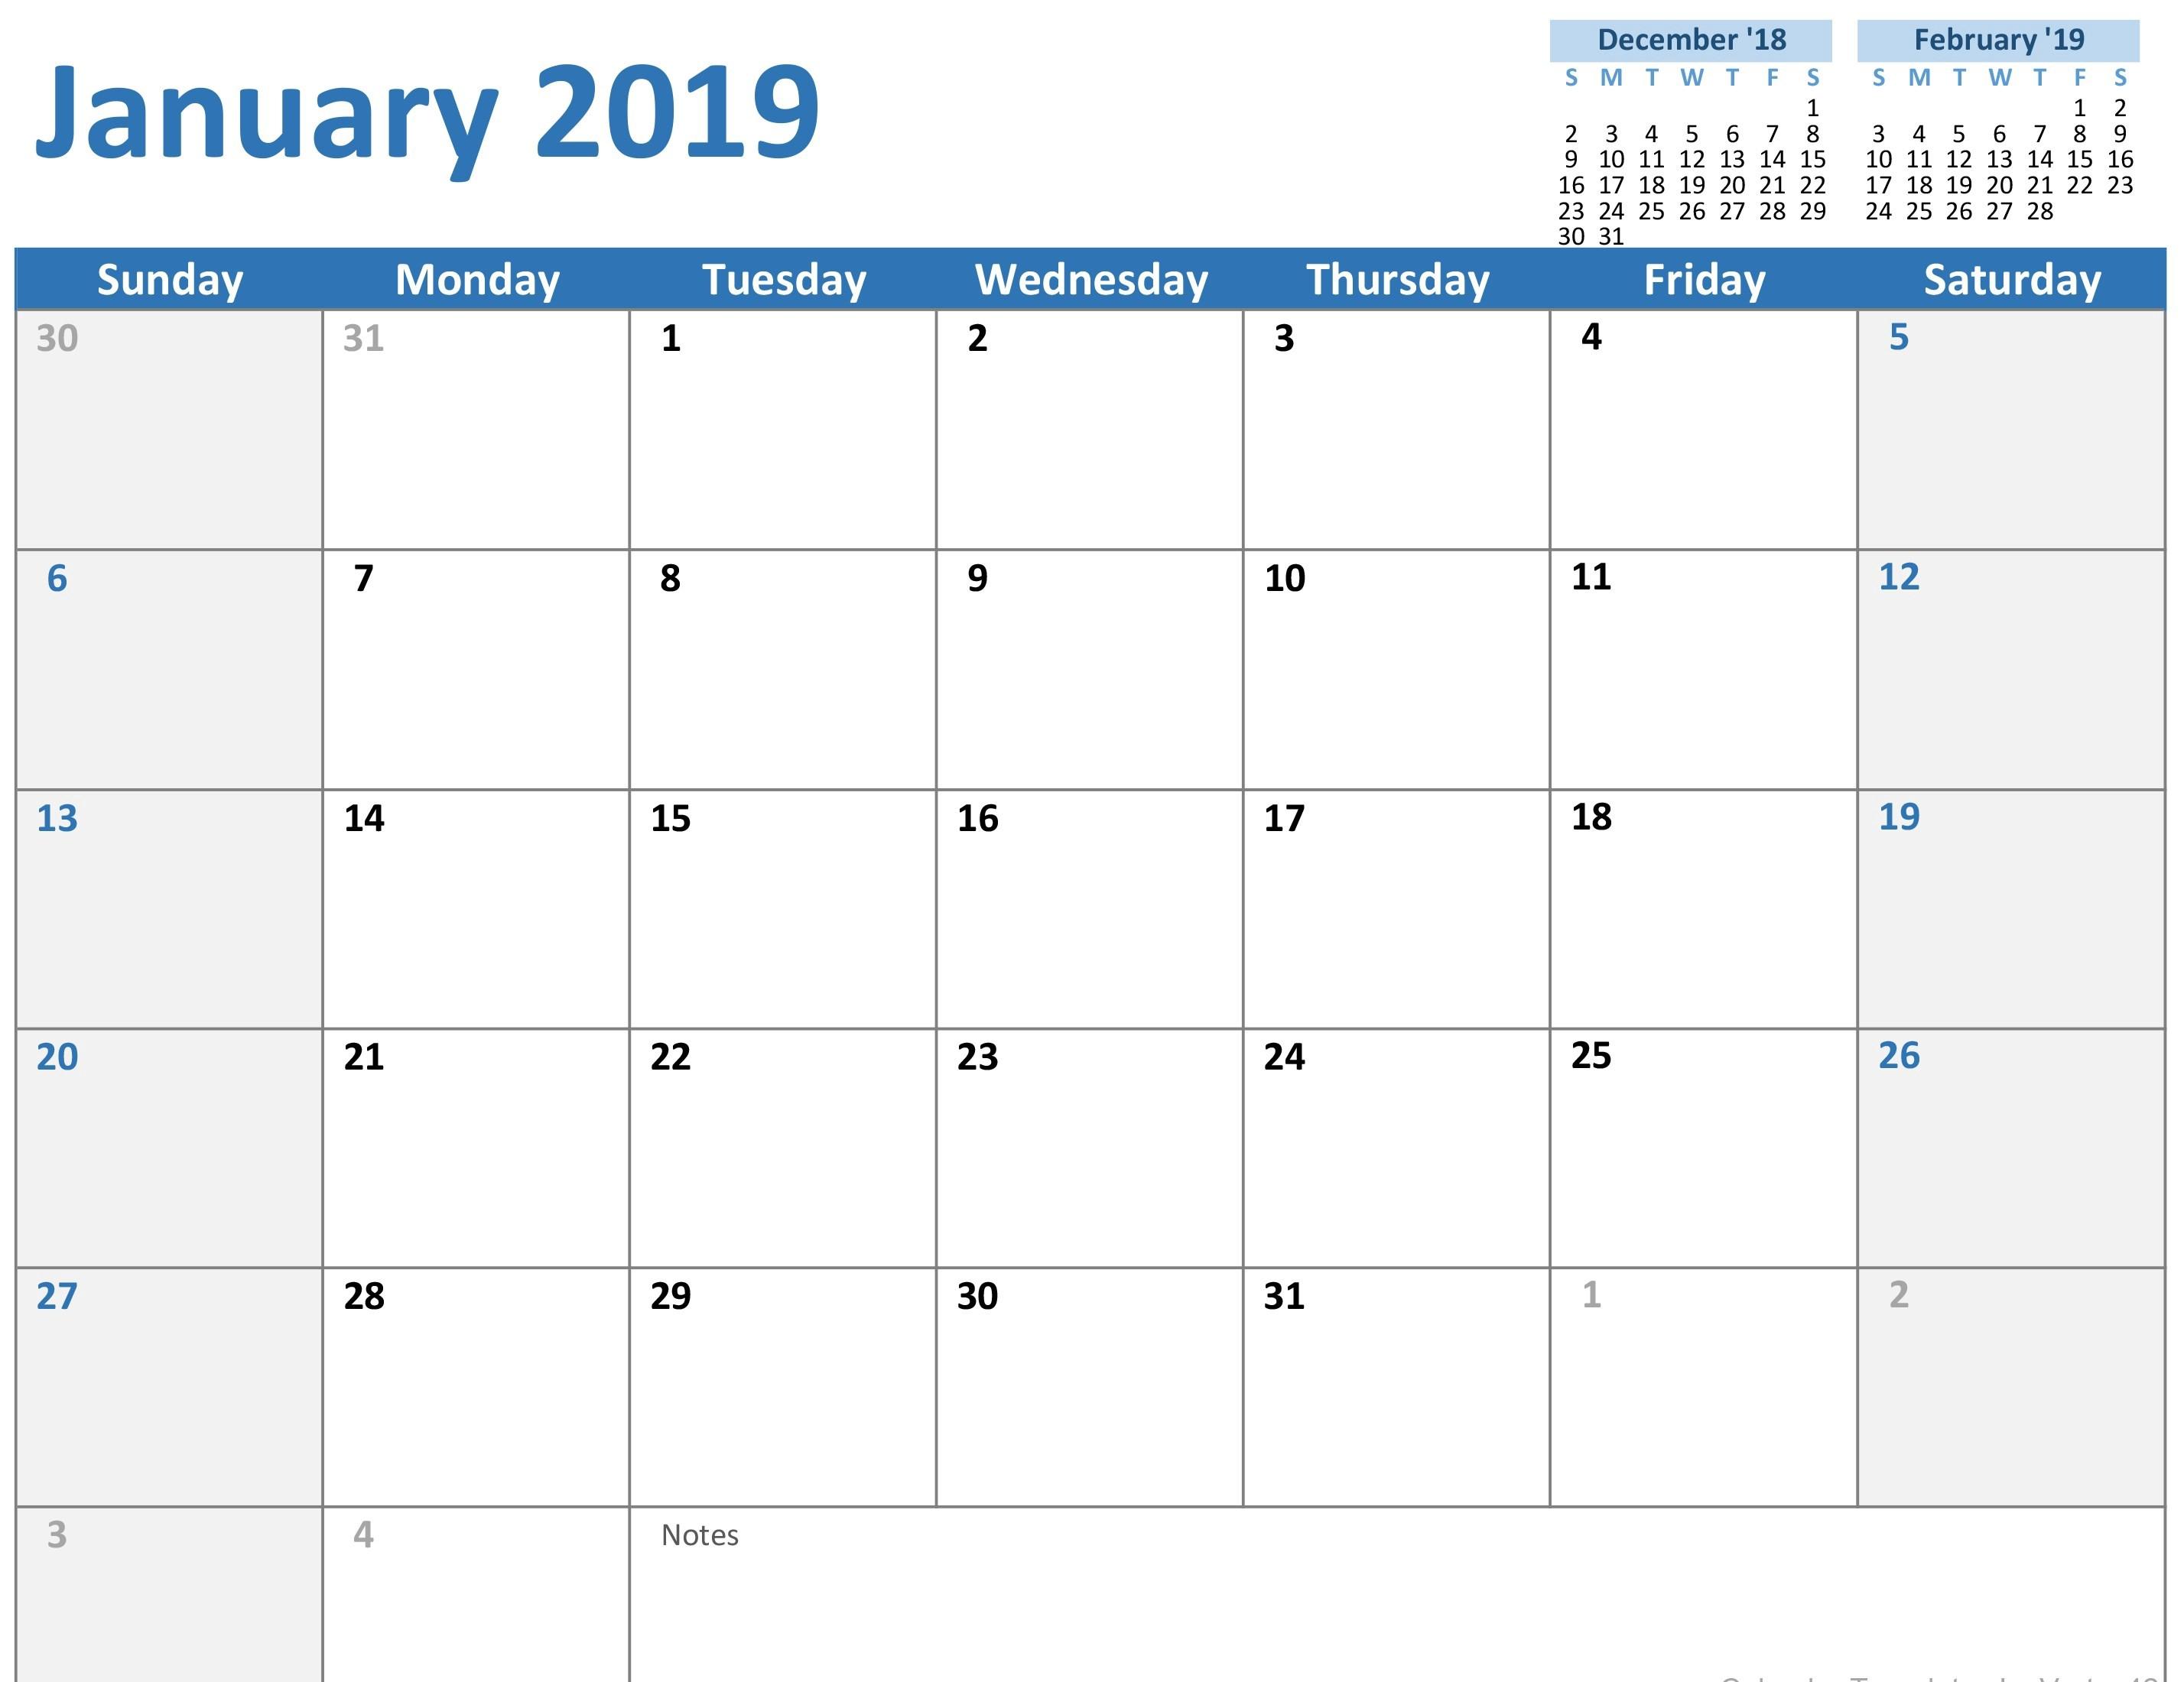 Custom Calendar For Schools - Marry Steven - Medium